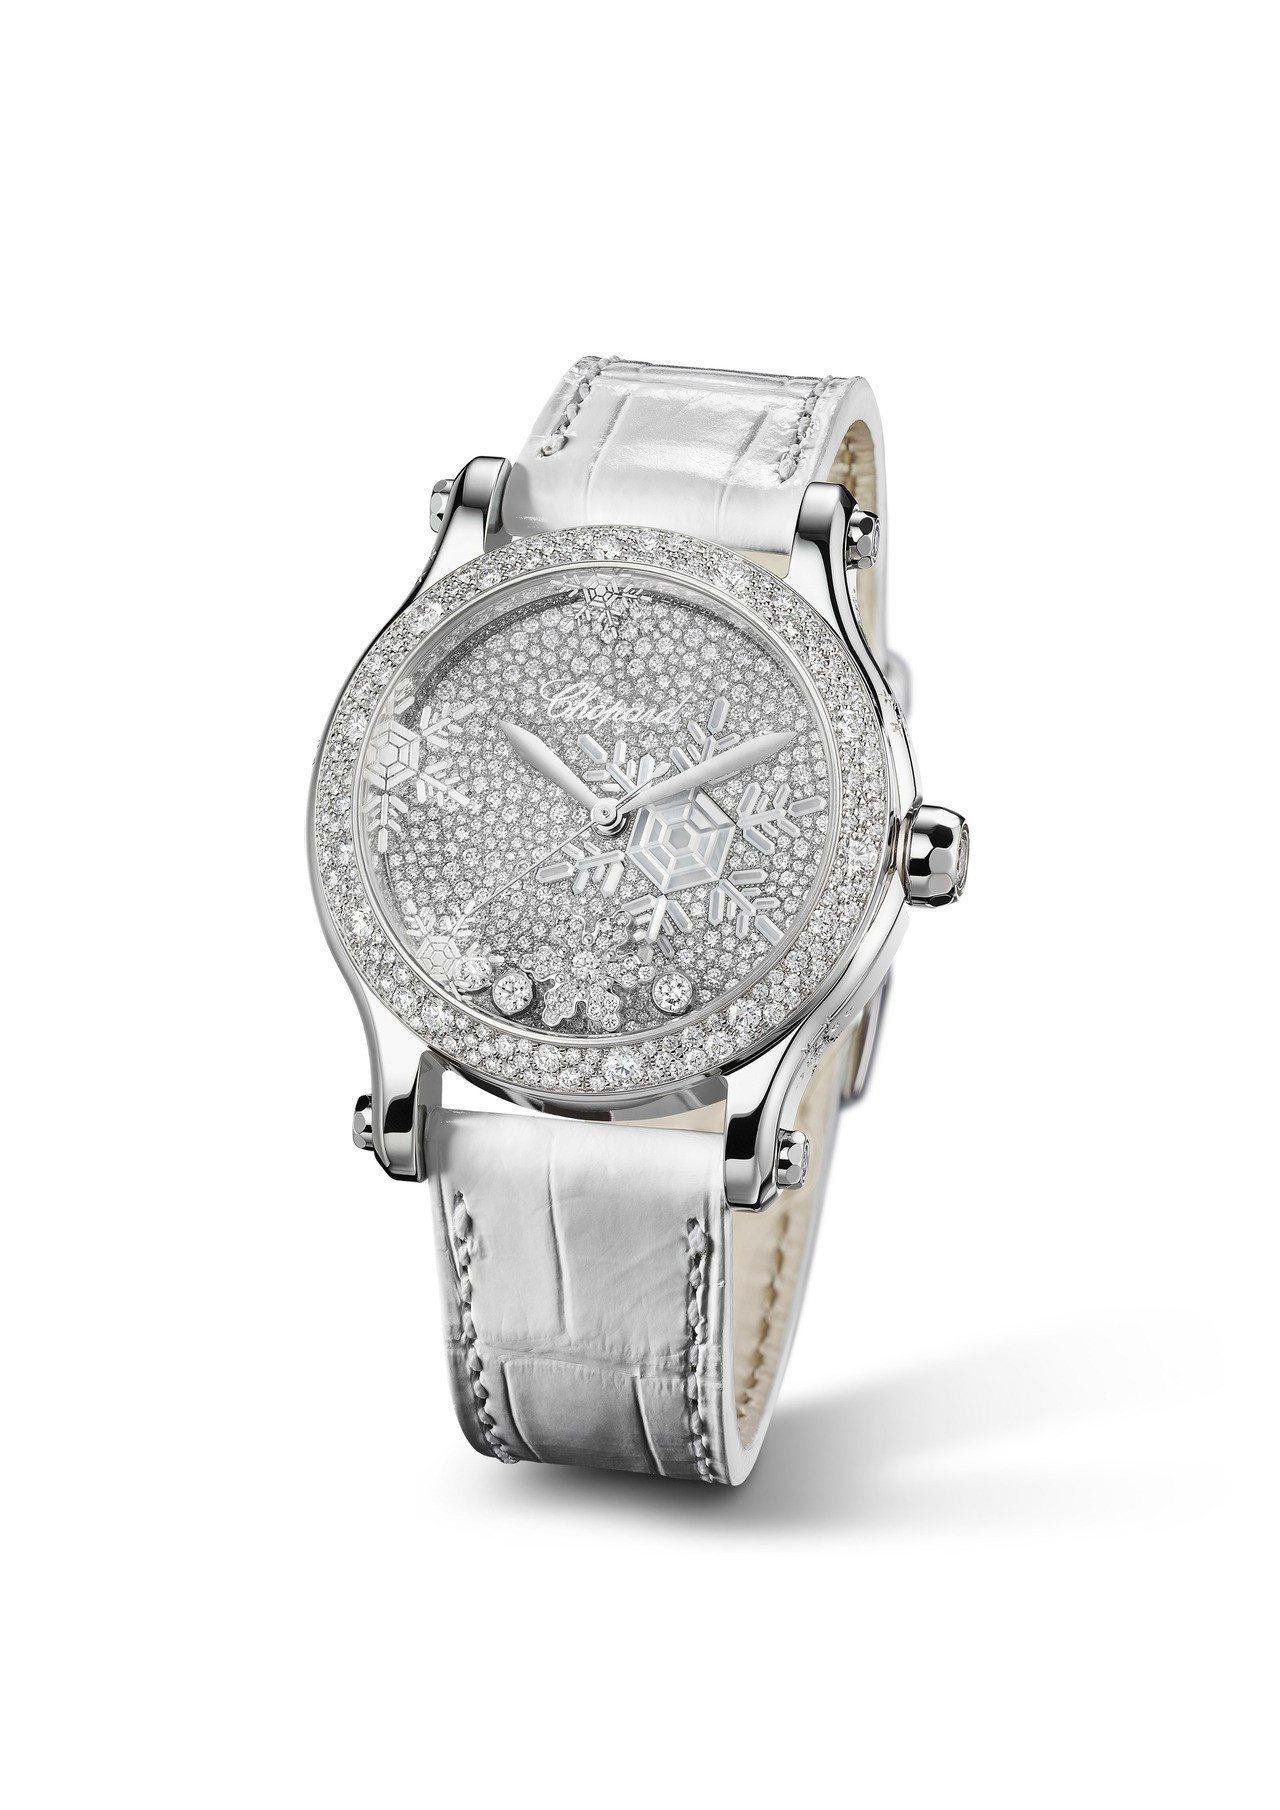 蕭邦Happy Snowflakes腕表,18K白金表殼、表盤為珍珠母貝鑲嵌雪花...